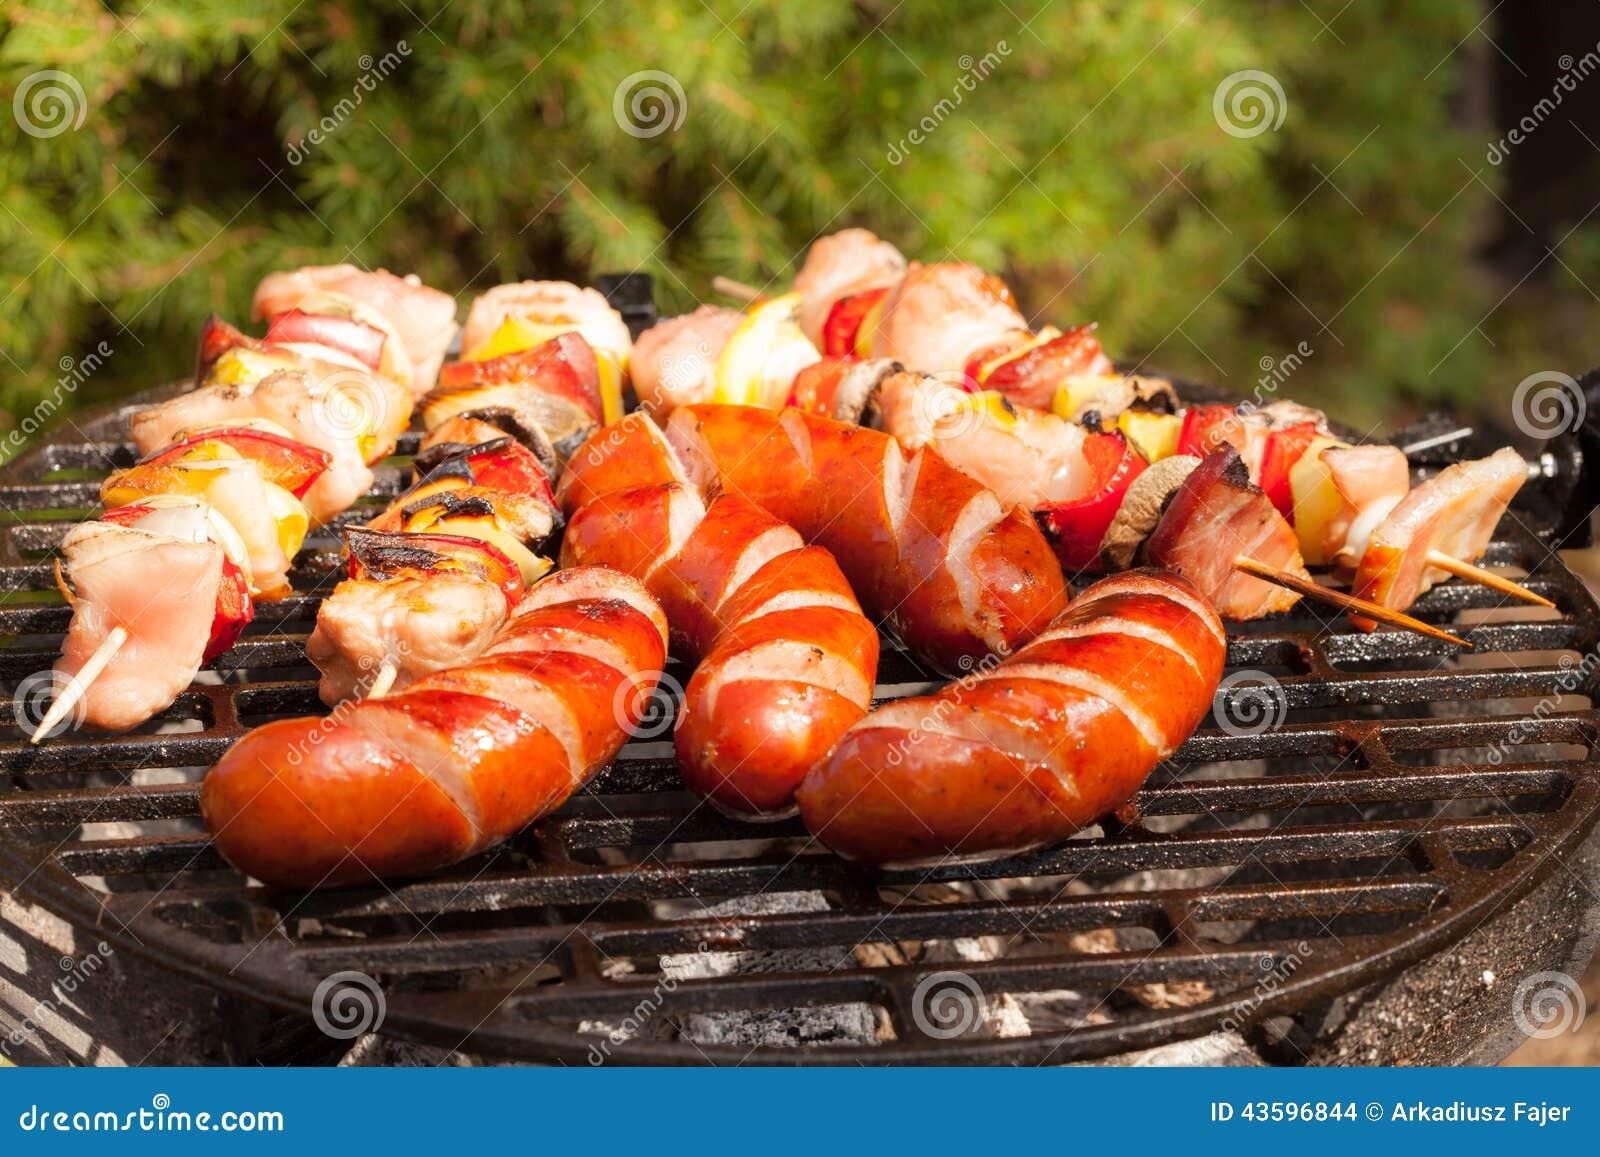 grilling sausages stock photo image 43596844. Black Bedroom Furniture Sets. Home Design Ideas